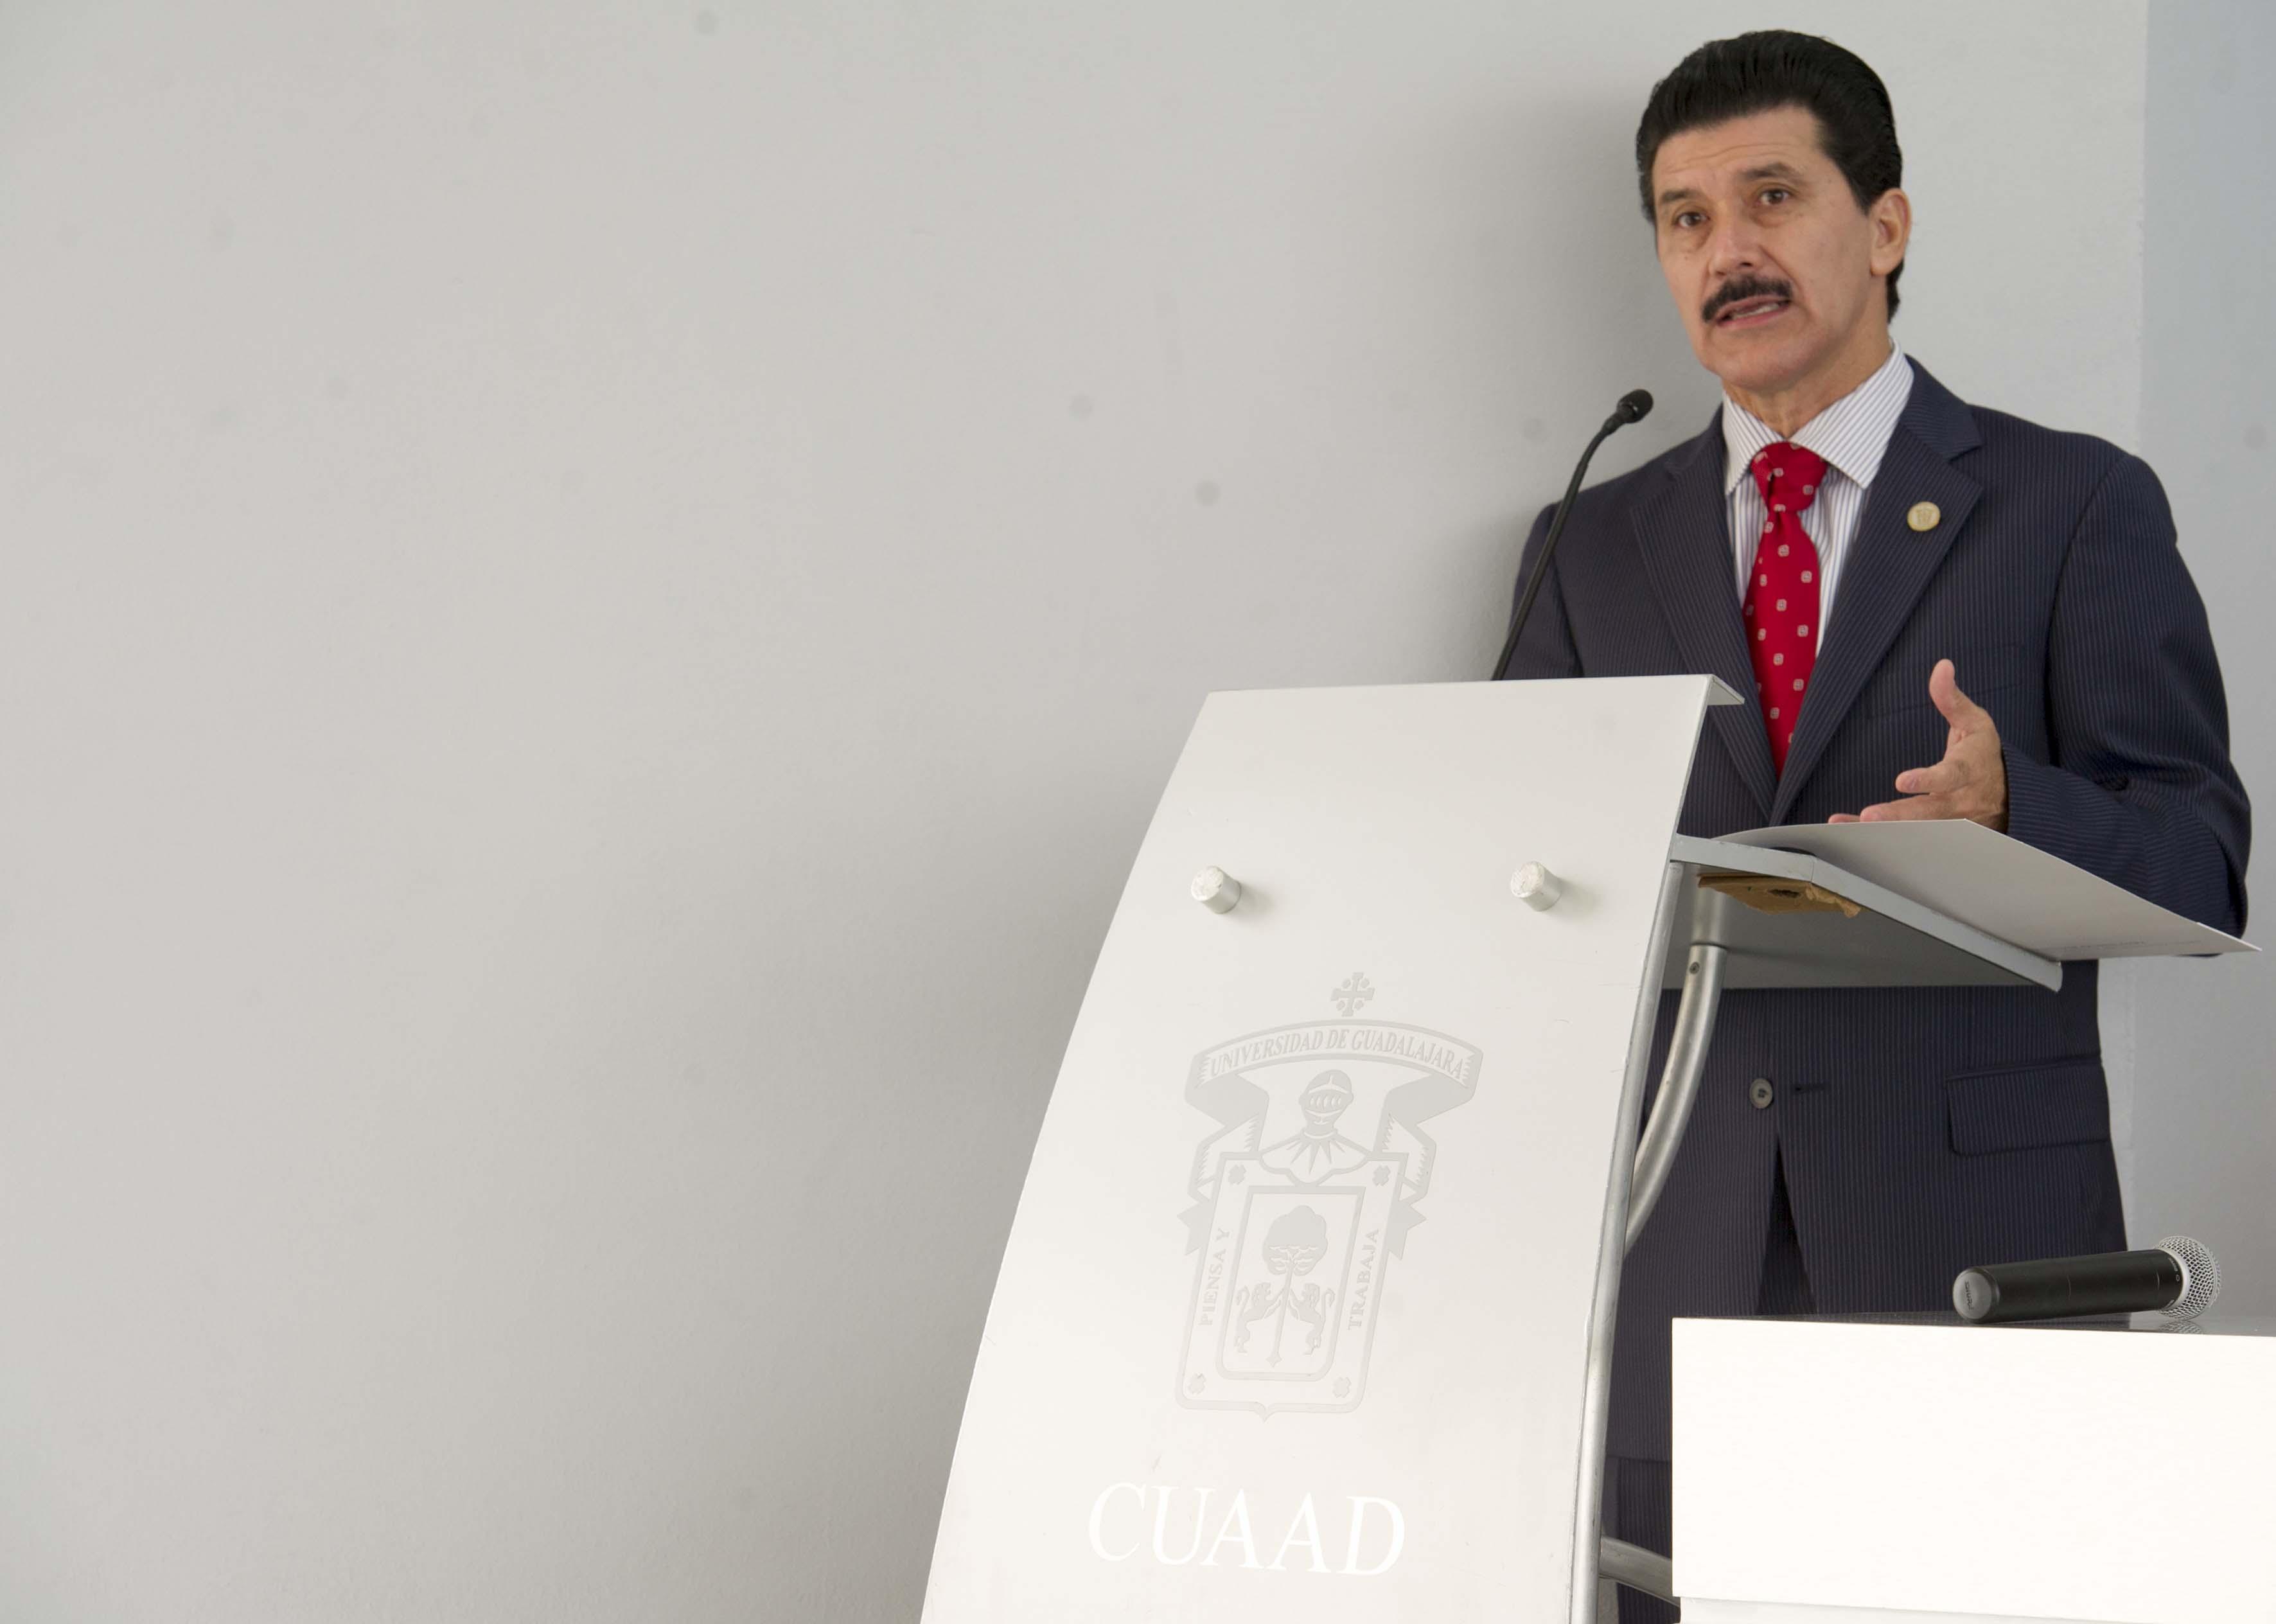 Mtro. Ernesto Flores Gallo, Rector del CUAAD haciendo uso de la palabra